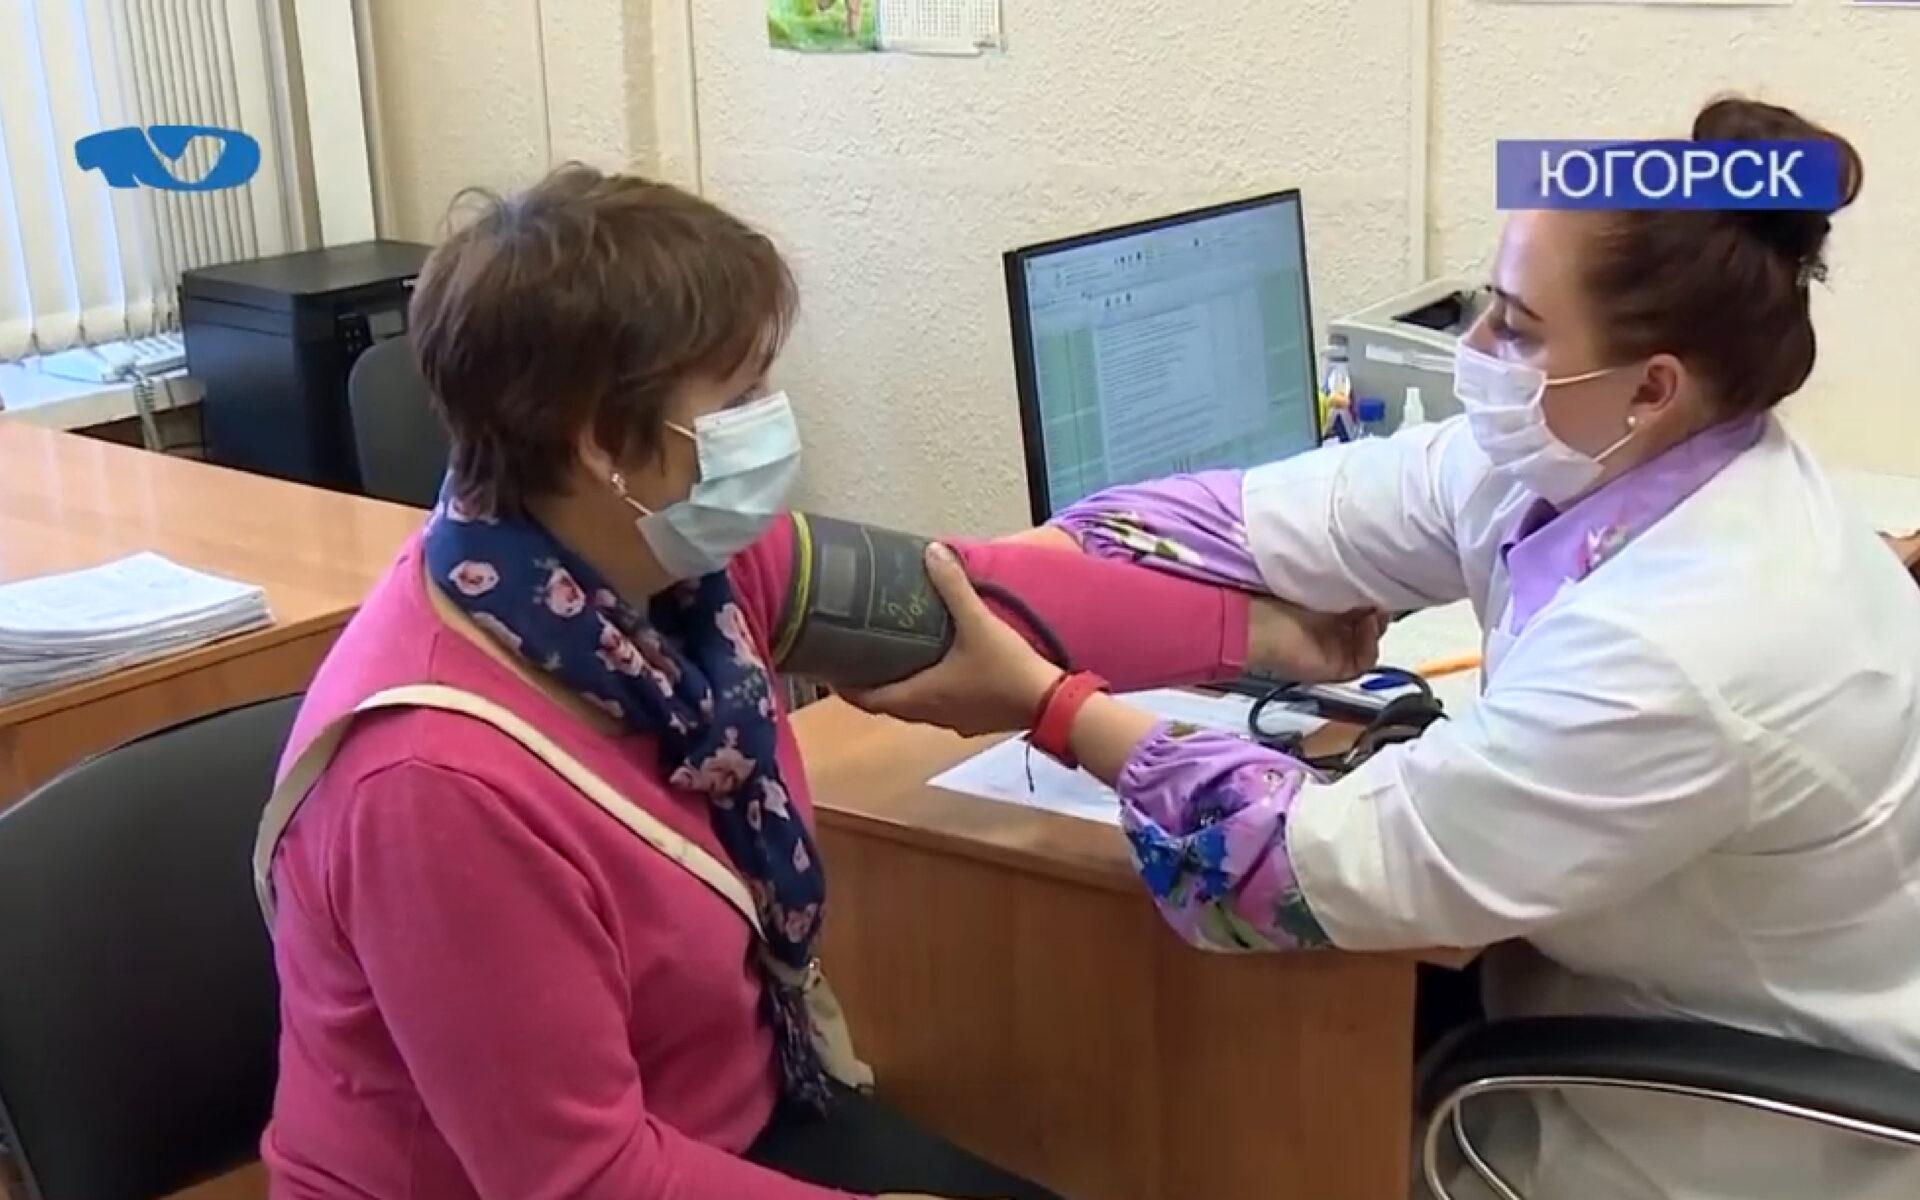 В Югорске около 200 человек, переболевших коронавирусом, прошли углубленную диспансеризацию